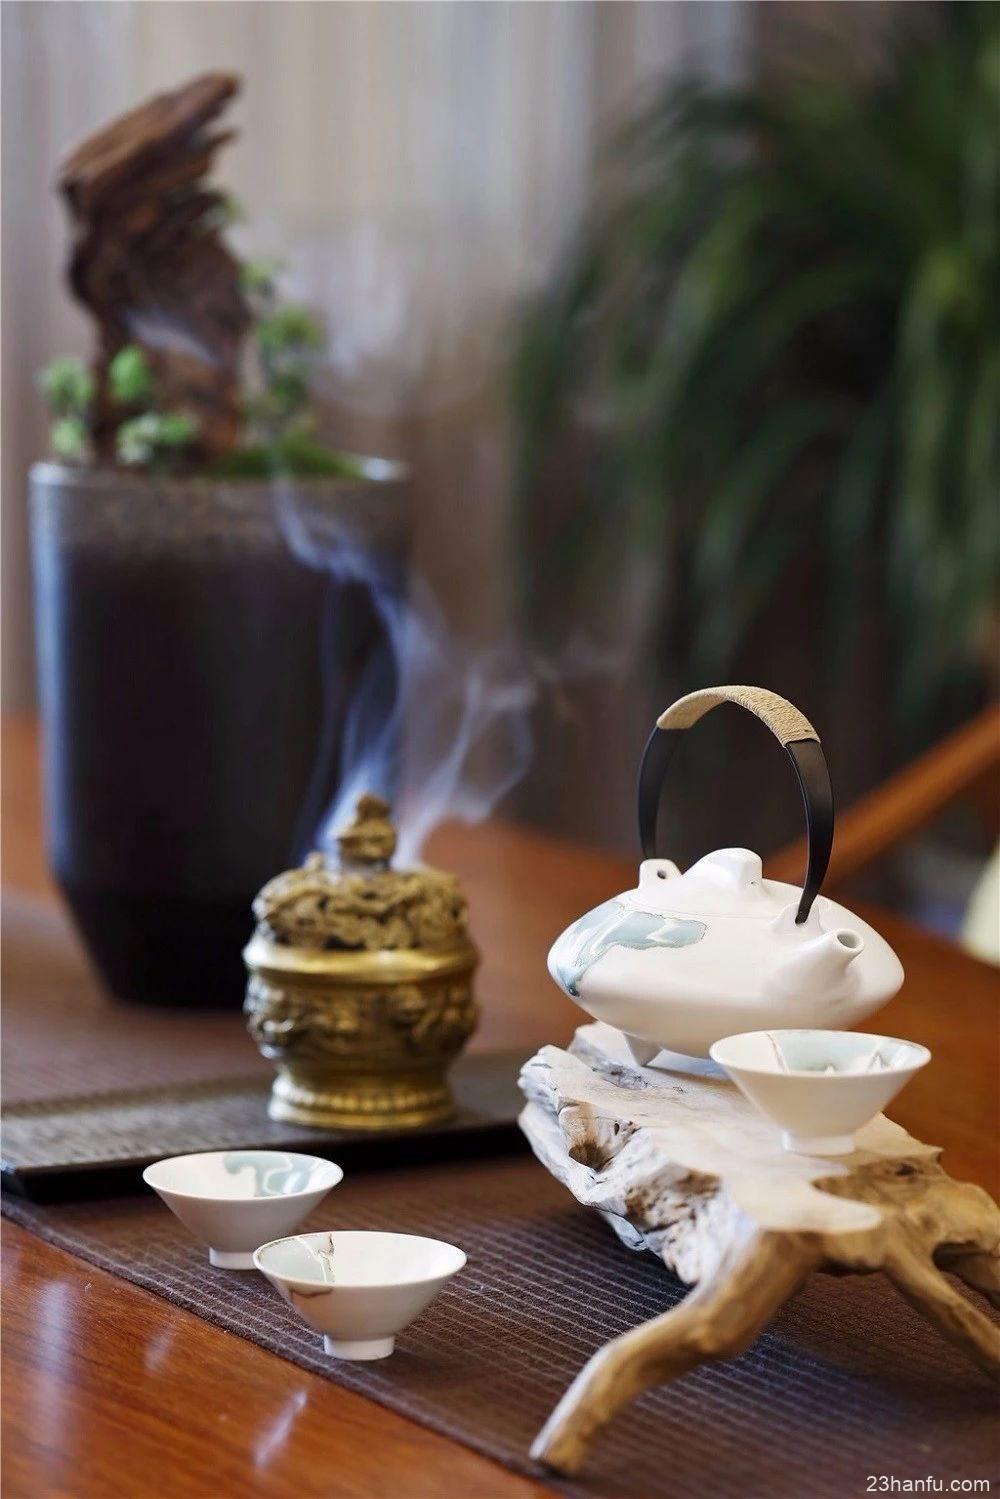 【茶道】半盏清茶 观浮沉人生